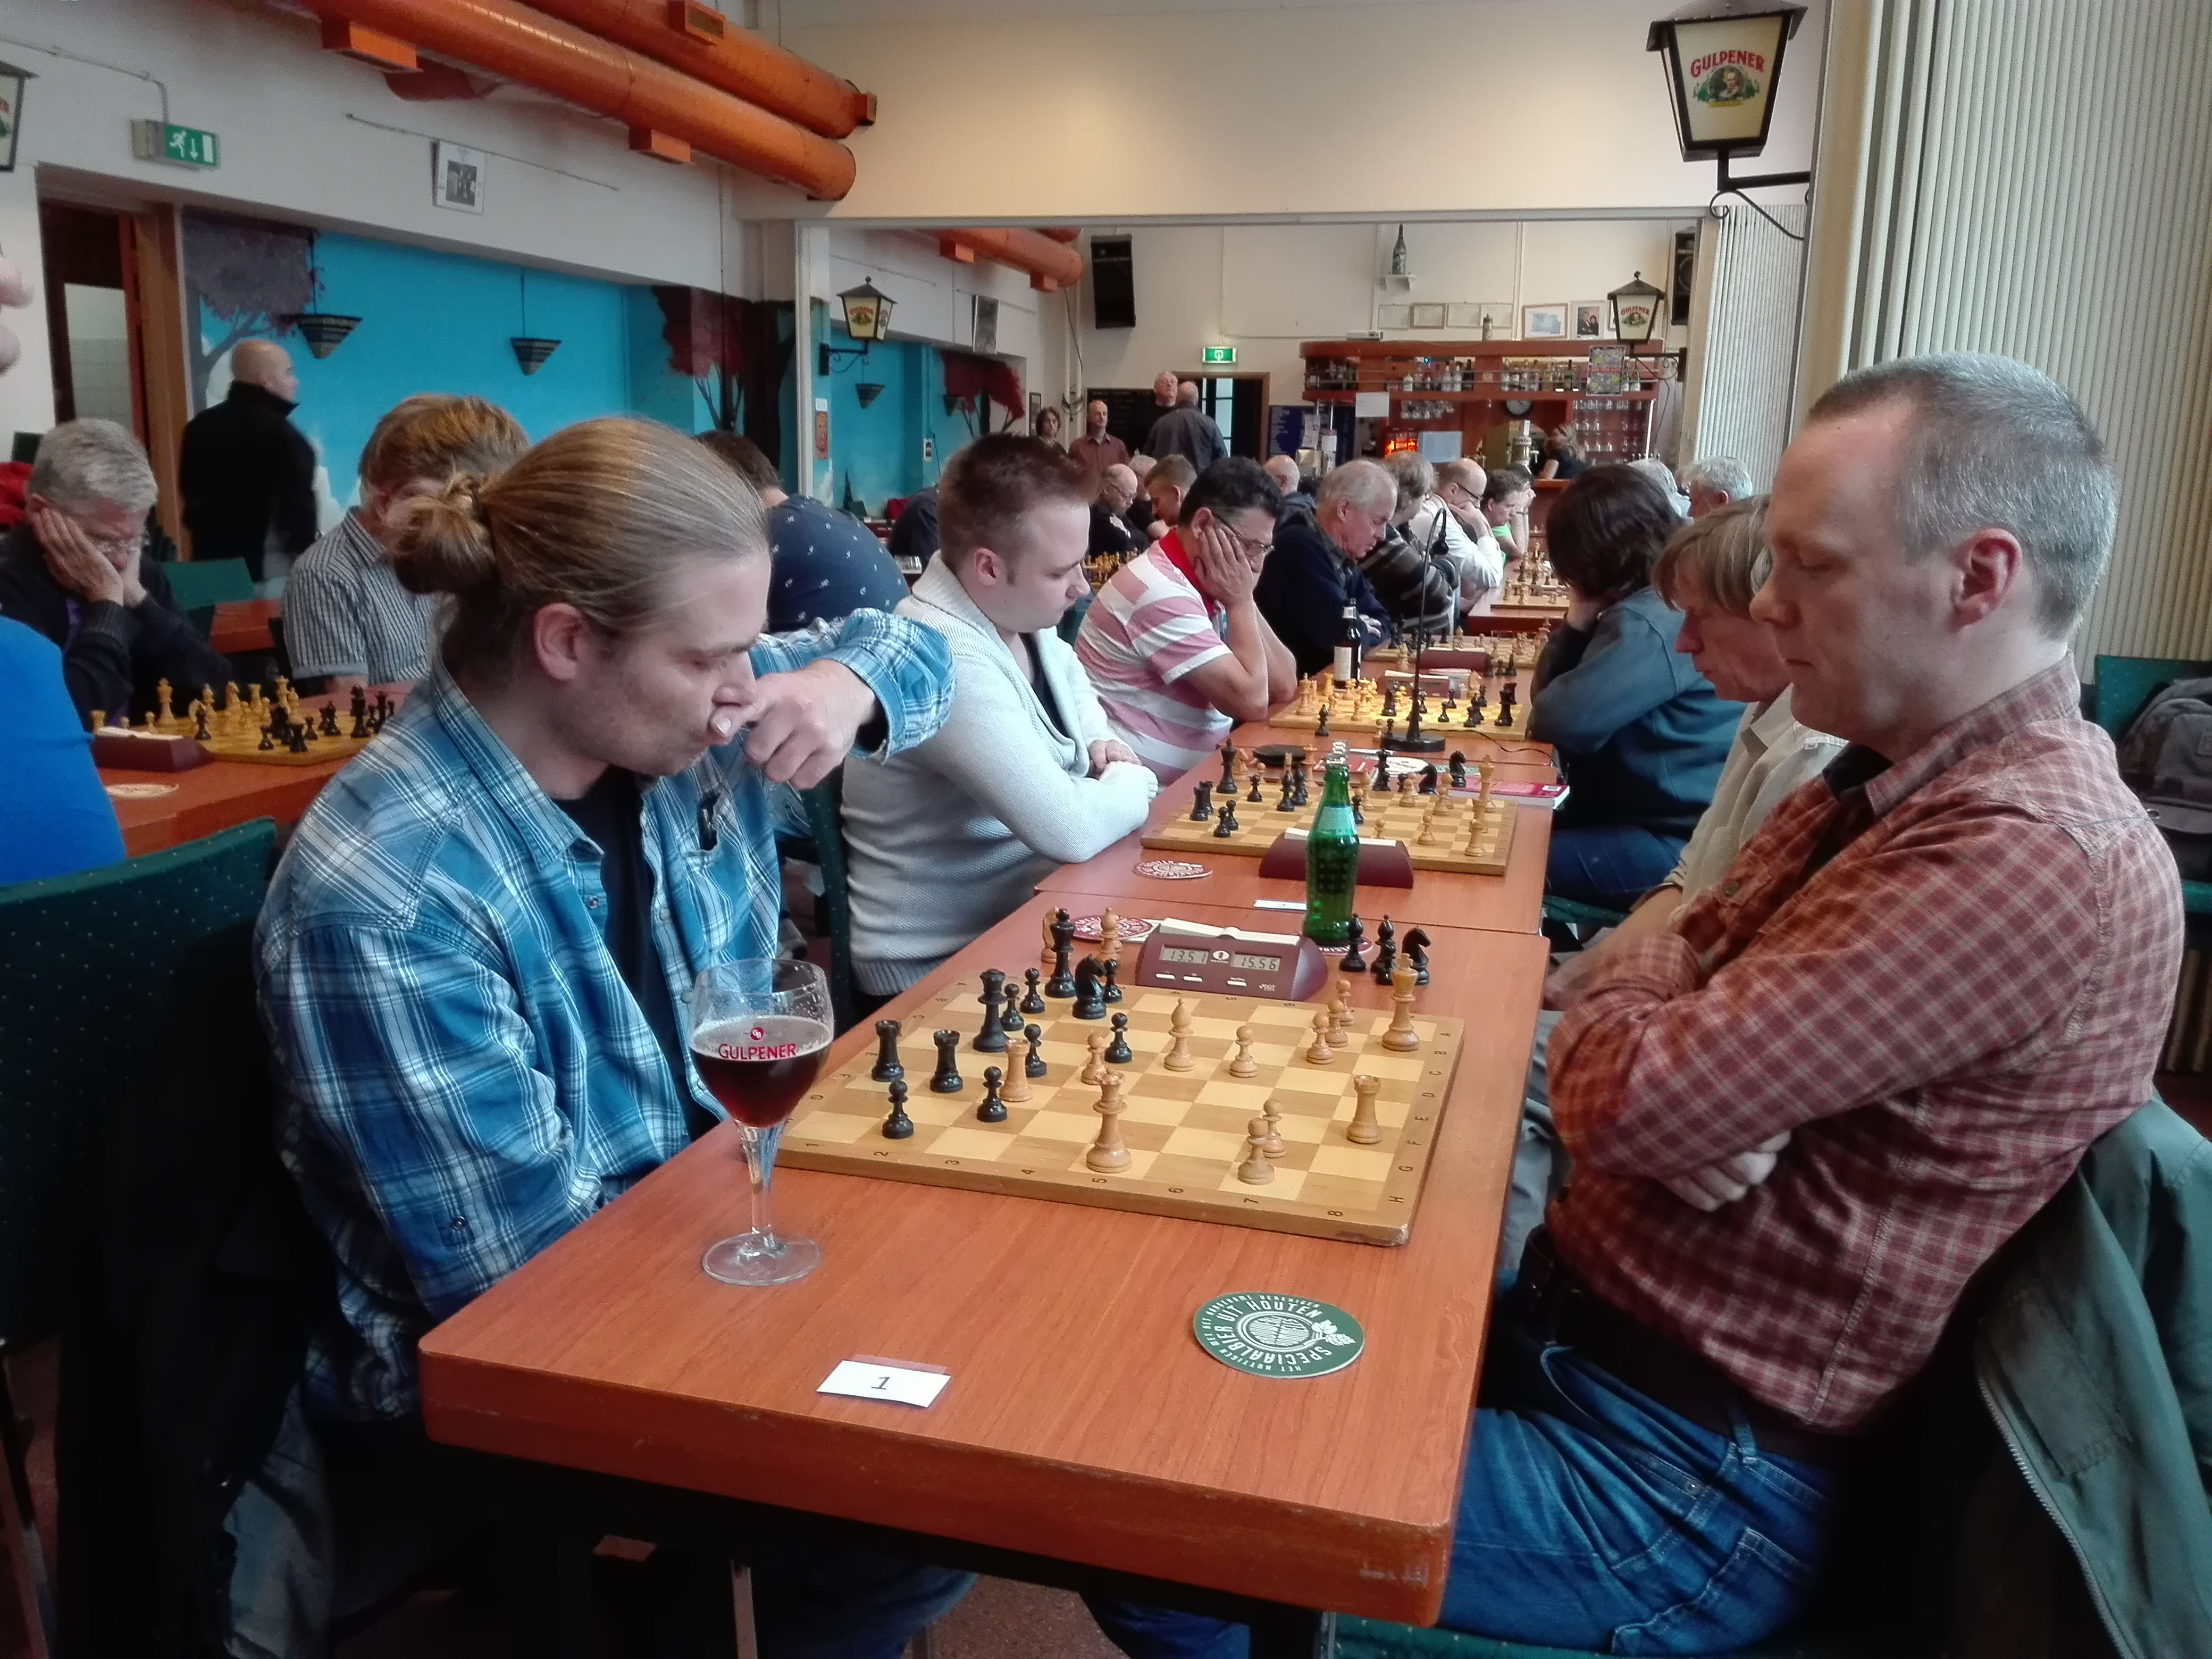 Toernooi winnar Gerben Veltkamp, hier in de laatste ronde tegen Geboers. Daarachter Michel tegen Jaap en Kasim tegen Marijke.